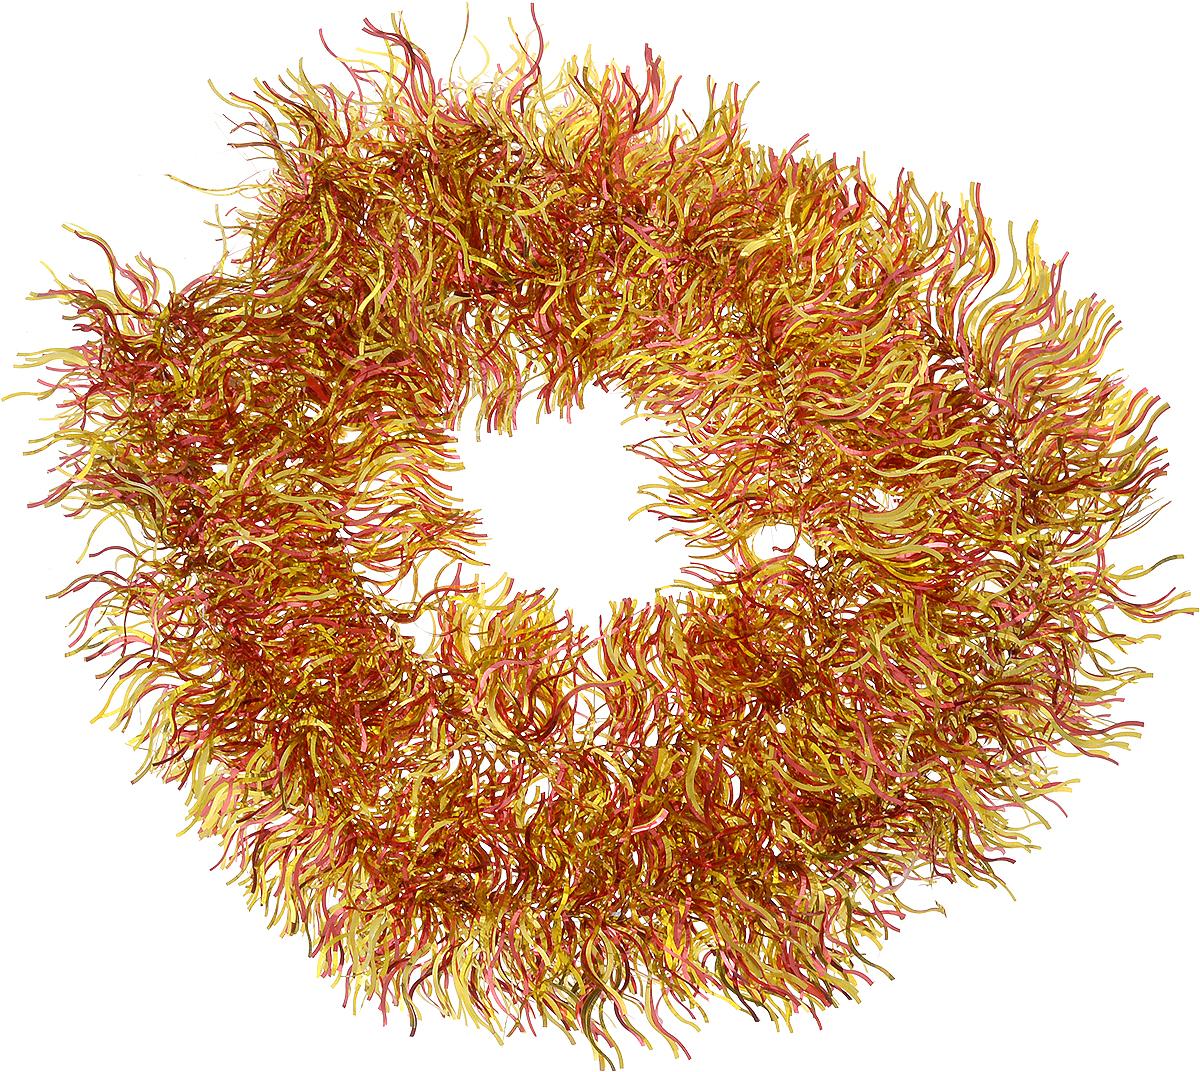 Мишура новогодняя Magic Time, диаметр 12 см, длина 200 см, цвет: красный, золотистый. 2691026910Новогодняя мишура Magic Time, выполненная из ПЭТ (Полиэтилентерефталат), поможет вам украсить свой дом к предстоящим праздникам. Изделие выполнено в виде скрученной косички. Новогодняя елка с таким украшением станет еще наряднее. Мишура армирована, то есть имеет проволоку внутри и способна сохранять форму. Новогодней мишурой можно украсить все, что угодно - елку, квартиру, дачу, офис - как внутри, так и снаружи. Можно сложить новогодние поздравления, буквы и цифры, мишурой можно украсить и дополнить гирлянды, можно выделить дверные колонны, оплести дверные проемы. Коллекция декоративных украшений из серии Magic Time принесет в ваш дом ни с чем несравнимое ощущение волшебства! Создайте в своем доме атмосферу тепла, веселья и радости, украшая его всей семьей.